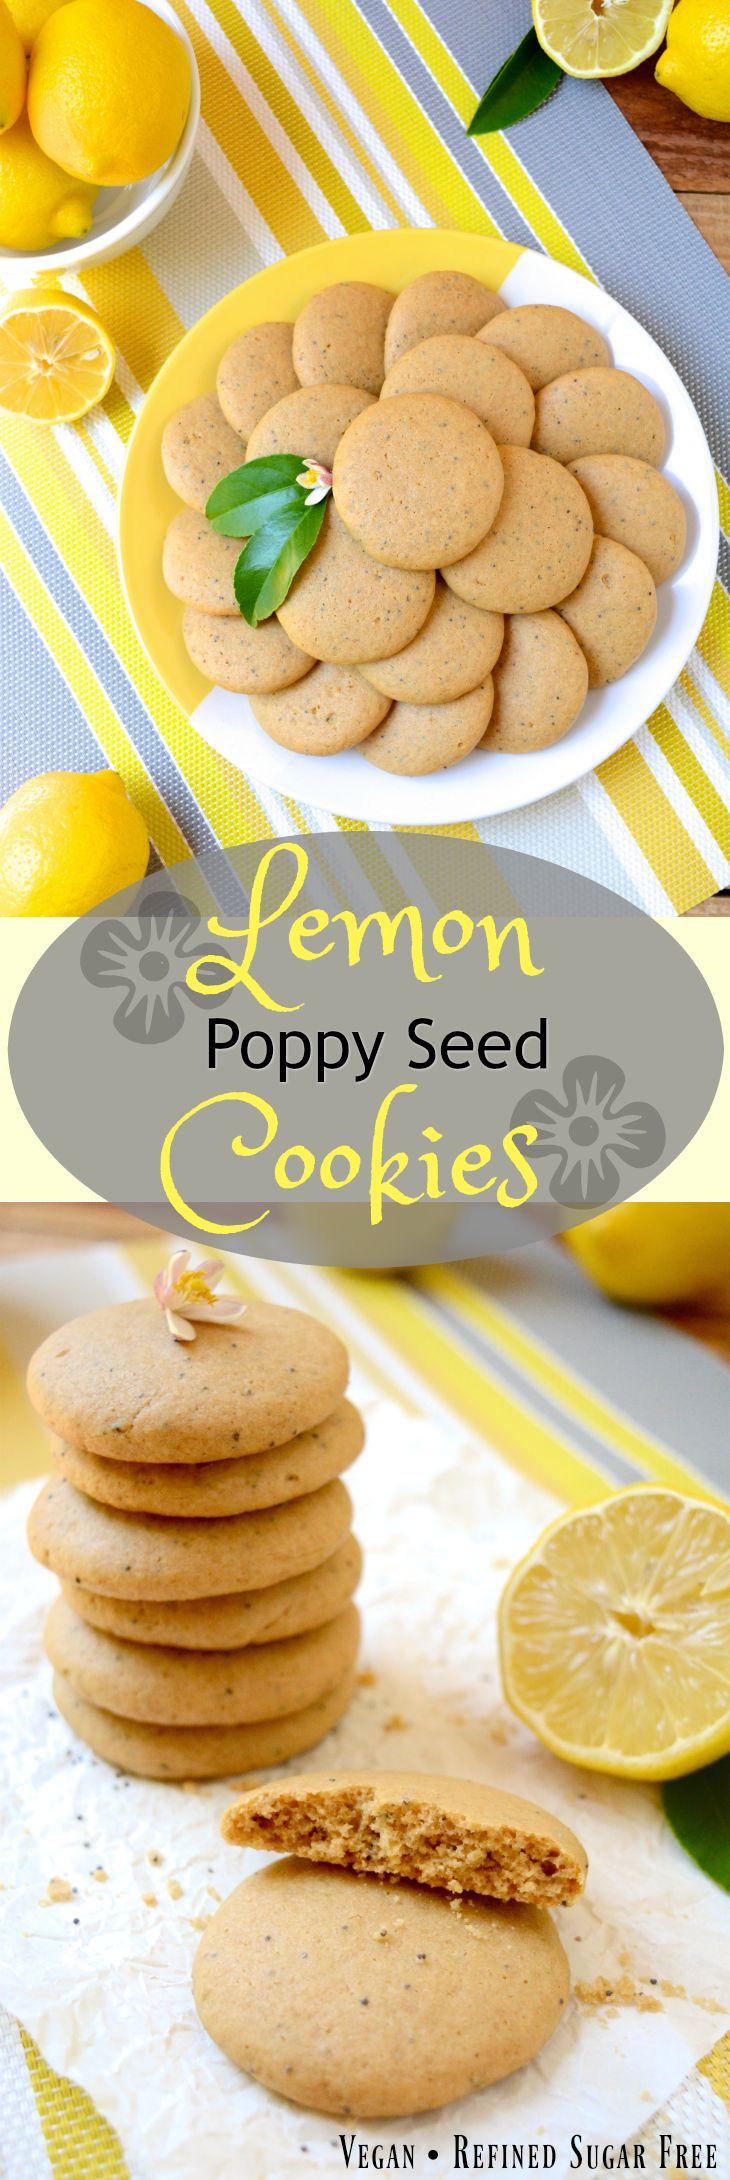 ... Cookies on Pinterest   No Bake Cookies, Cookies and Crinkle Cookies